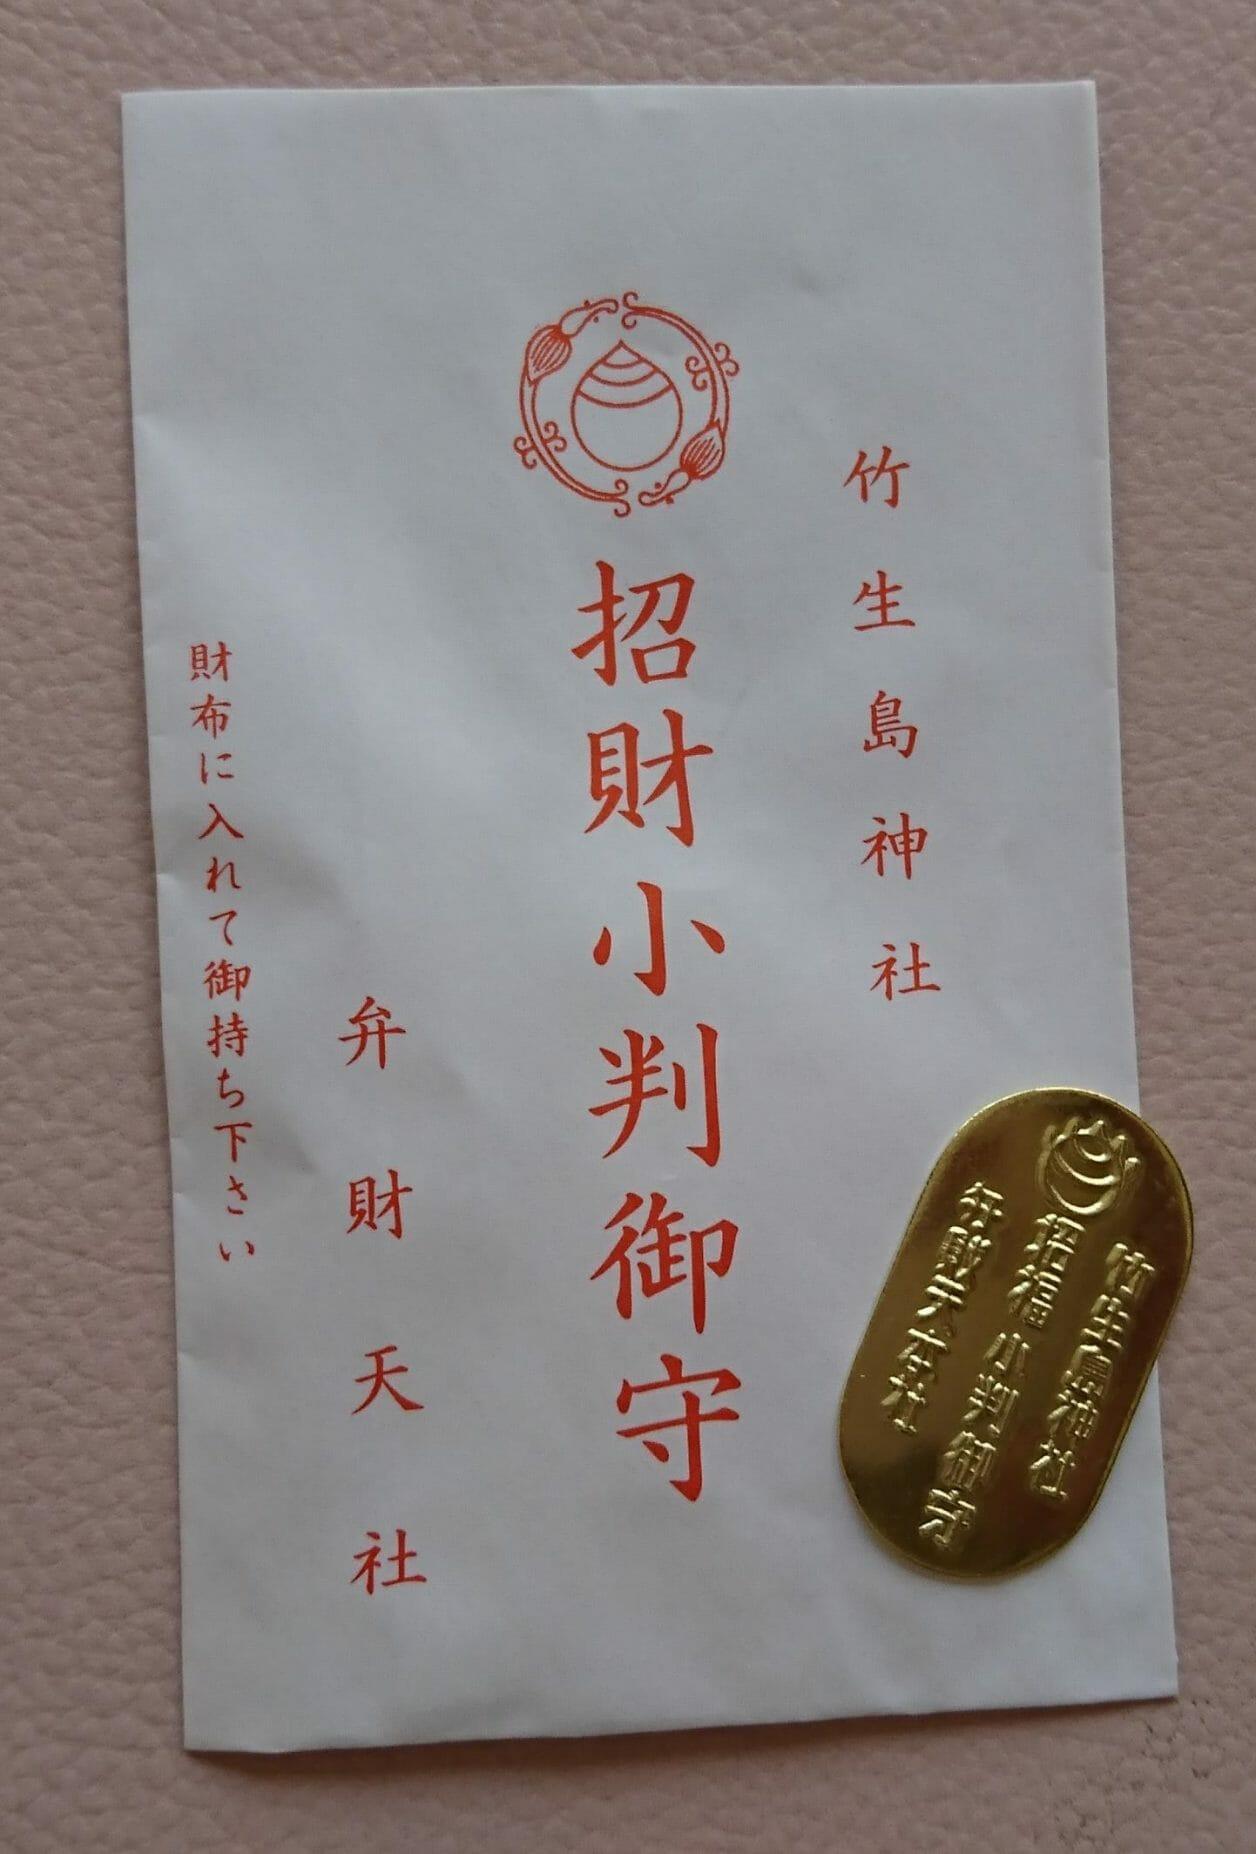 竹生島の都久夫須麻神社の弁財天社で授与した招財小判御守